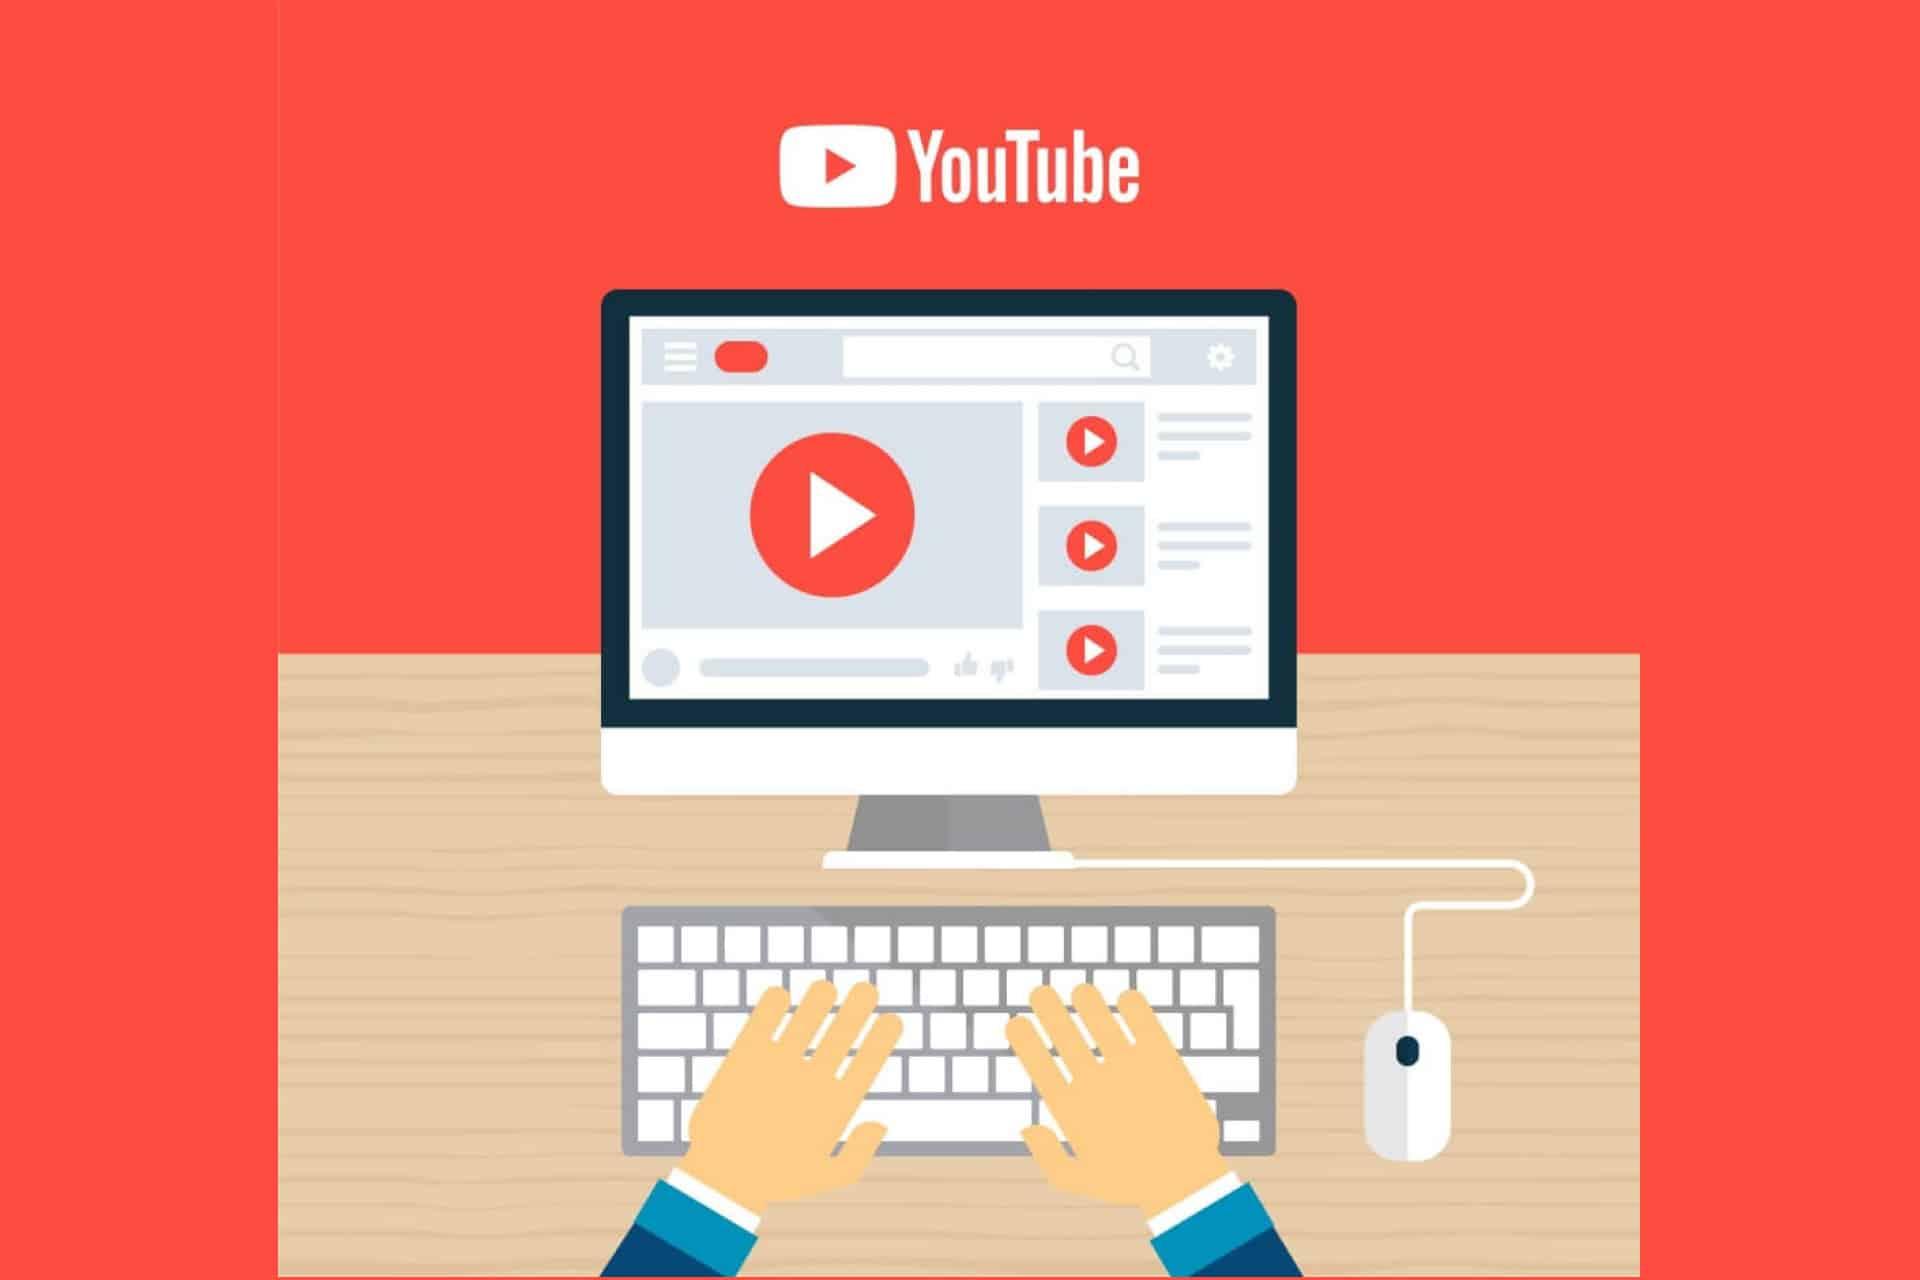 בנוסף למודעות וידאו, אפשר לפרסם ביוטיוב גם מודעות באנרים רגילות. מודעות פרסום שלך עשויות להופיע לצד הסרטונים במחשבים ובמכשירים ניידים. בשונה ממודעות וידאו, תשלם עבור כל קליק על המודעה.